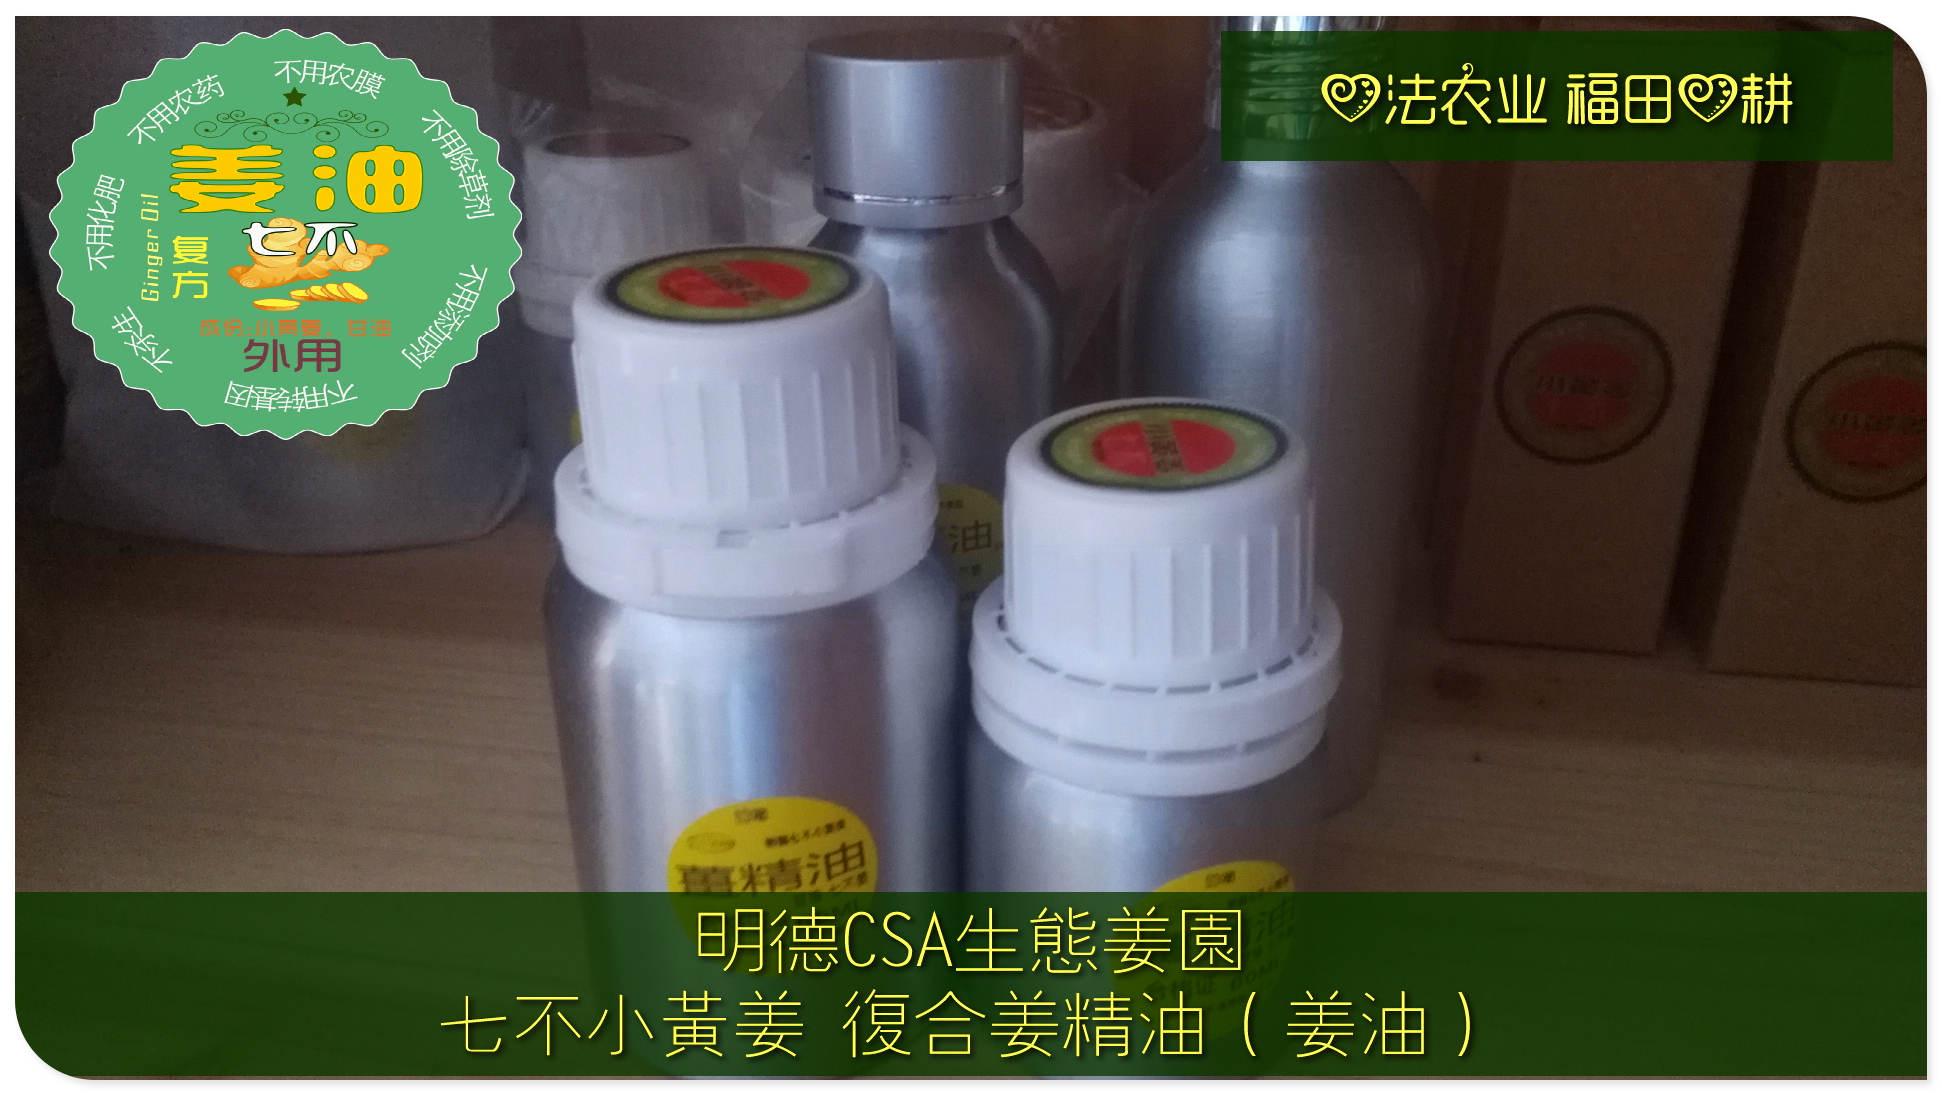 七不姜特价二折起特卖专区 各类姜产品特价处理 商品图1